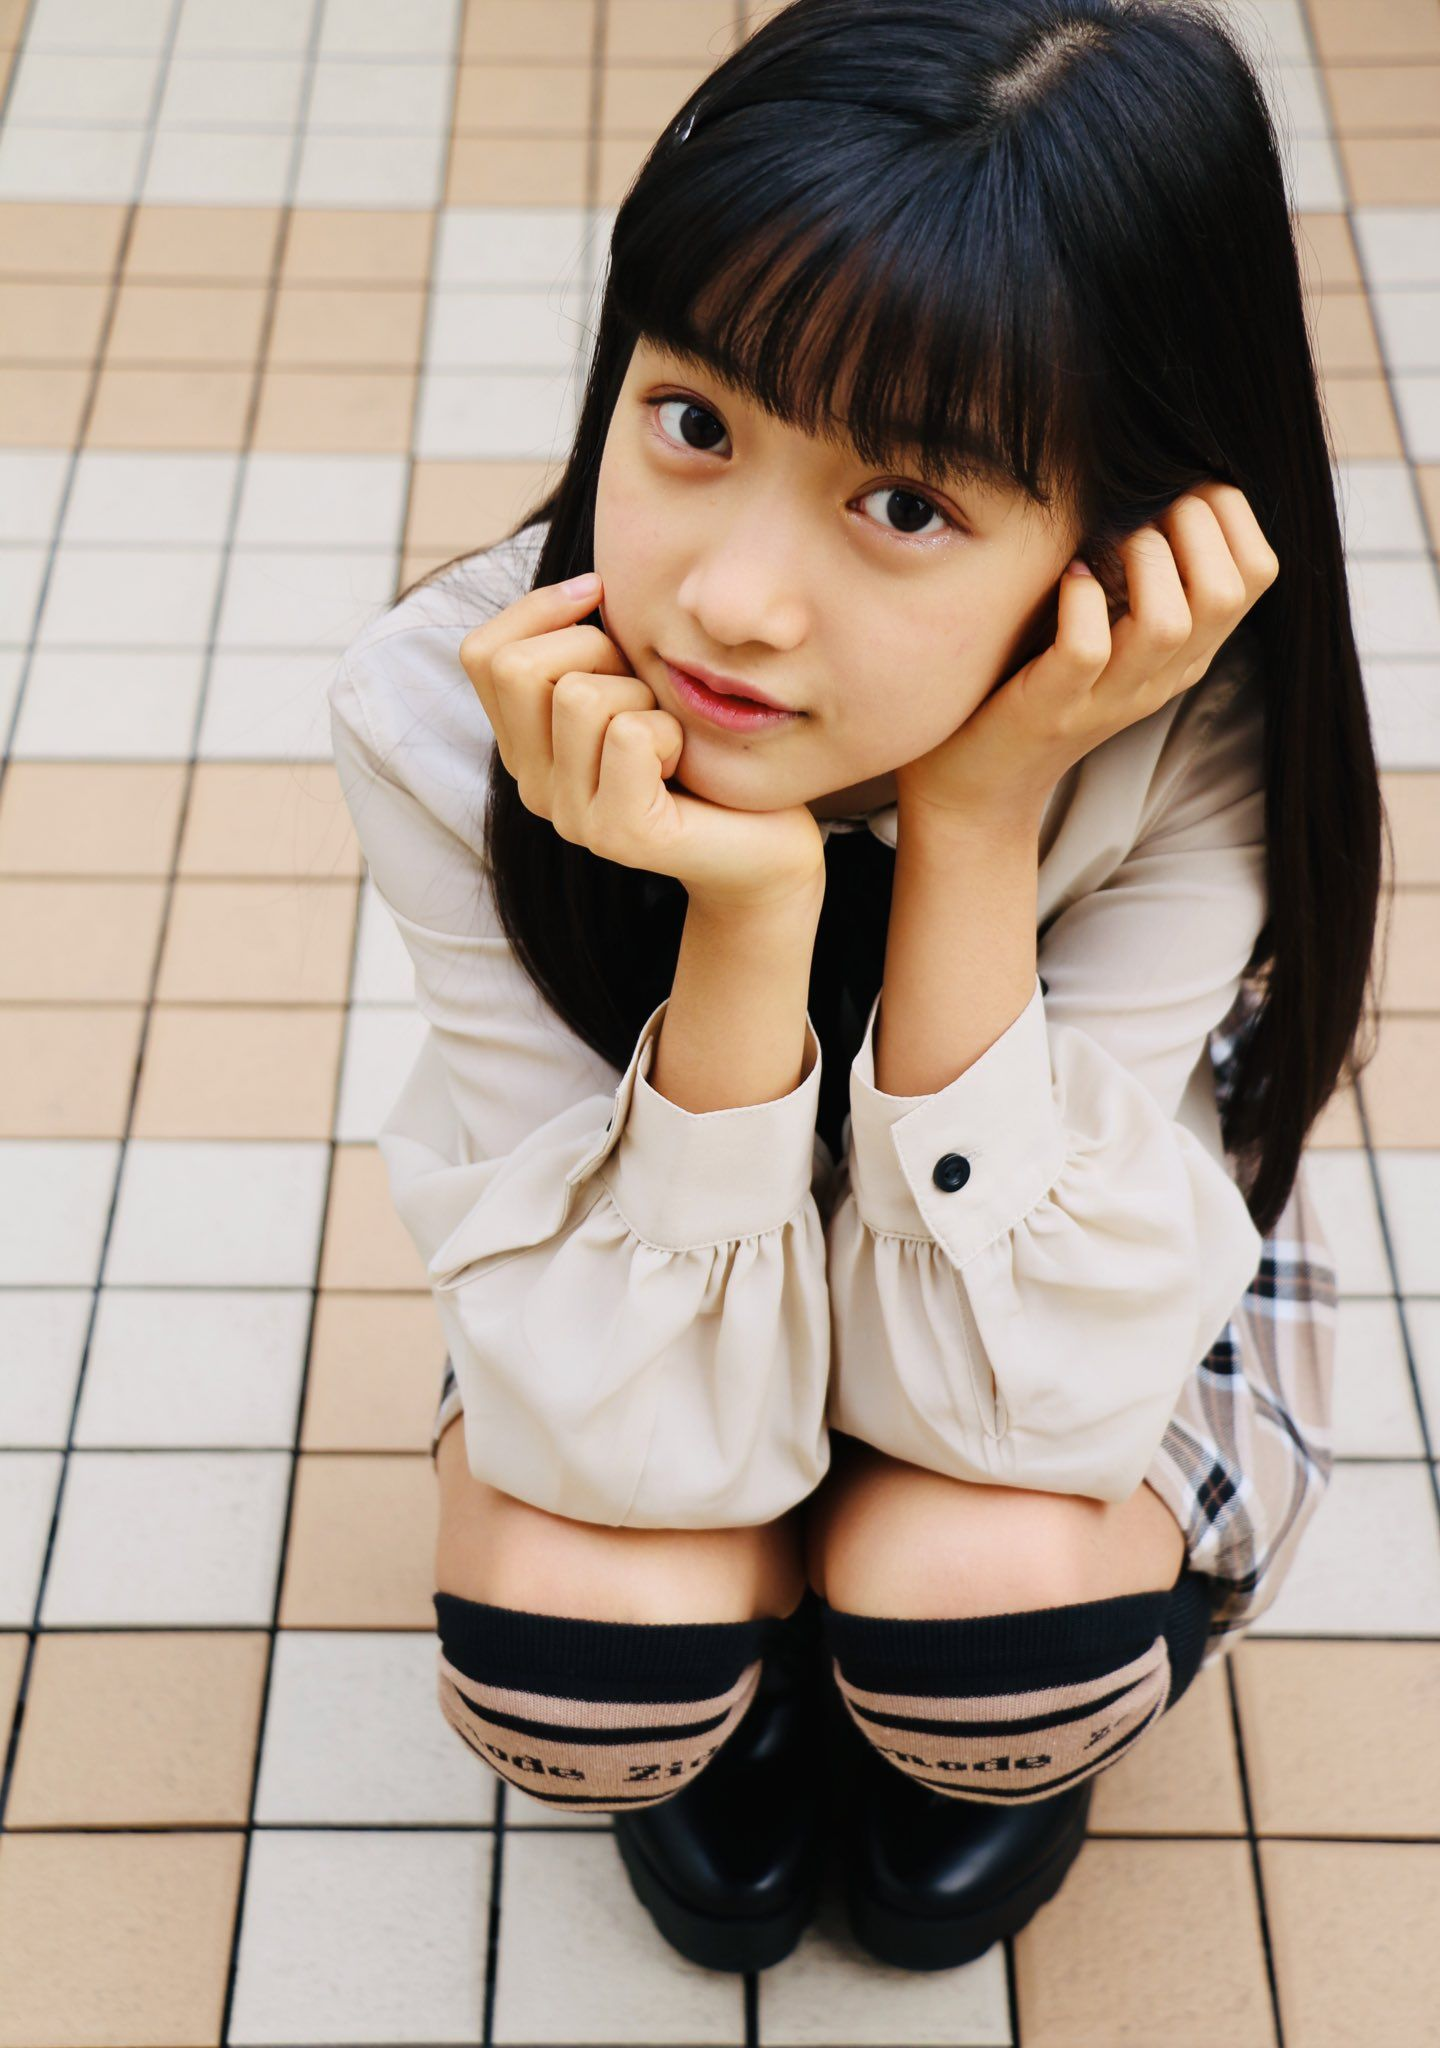 pin on 女の子モデル 01